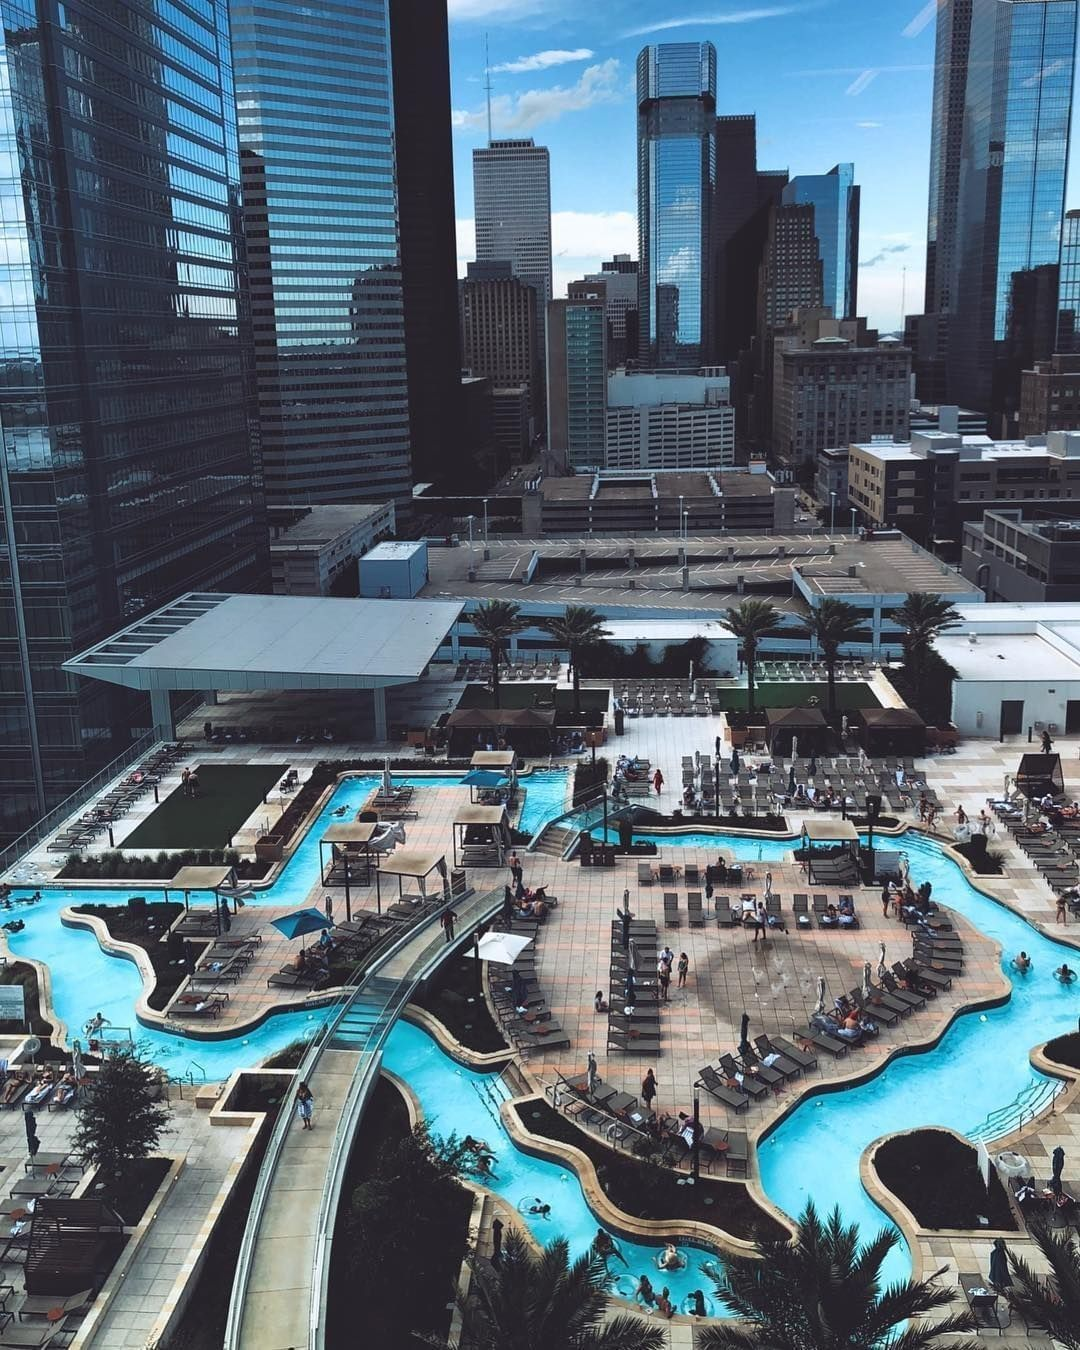 Texas Houston Texas On Instagram Follow Thegreat8th For More Houston Houstontx Houstonhair H Houston Texas Instagram Houston